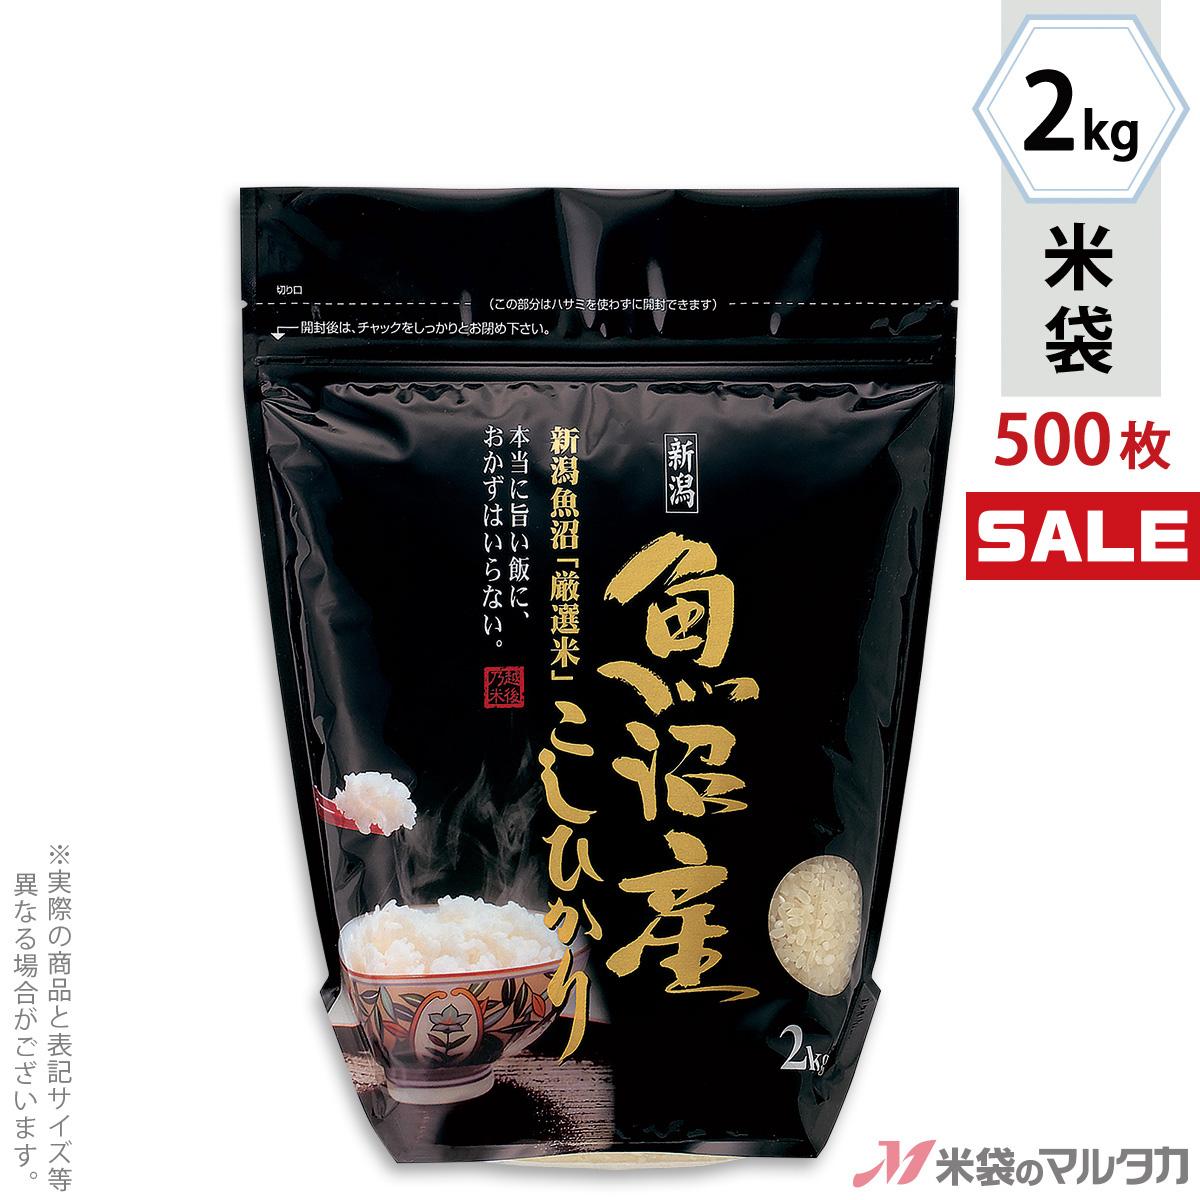 <キャンペーン対応>米袋 ラミ イージーカットスタンドパックチャック付 魚沼産こしひかり 越後の旨い飯 2kg 1ケース(500枚入) TE-1080